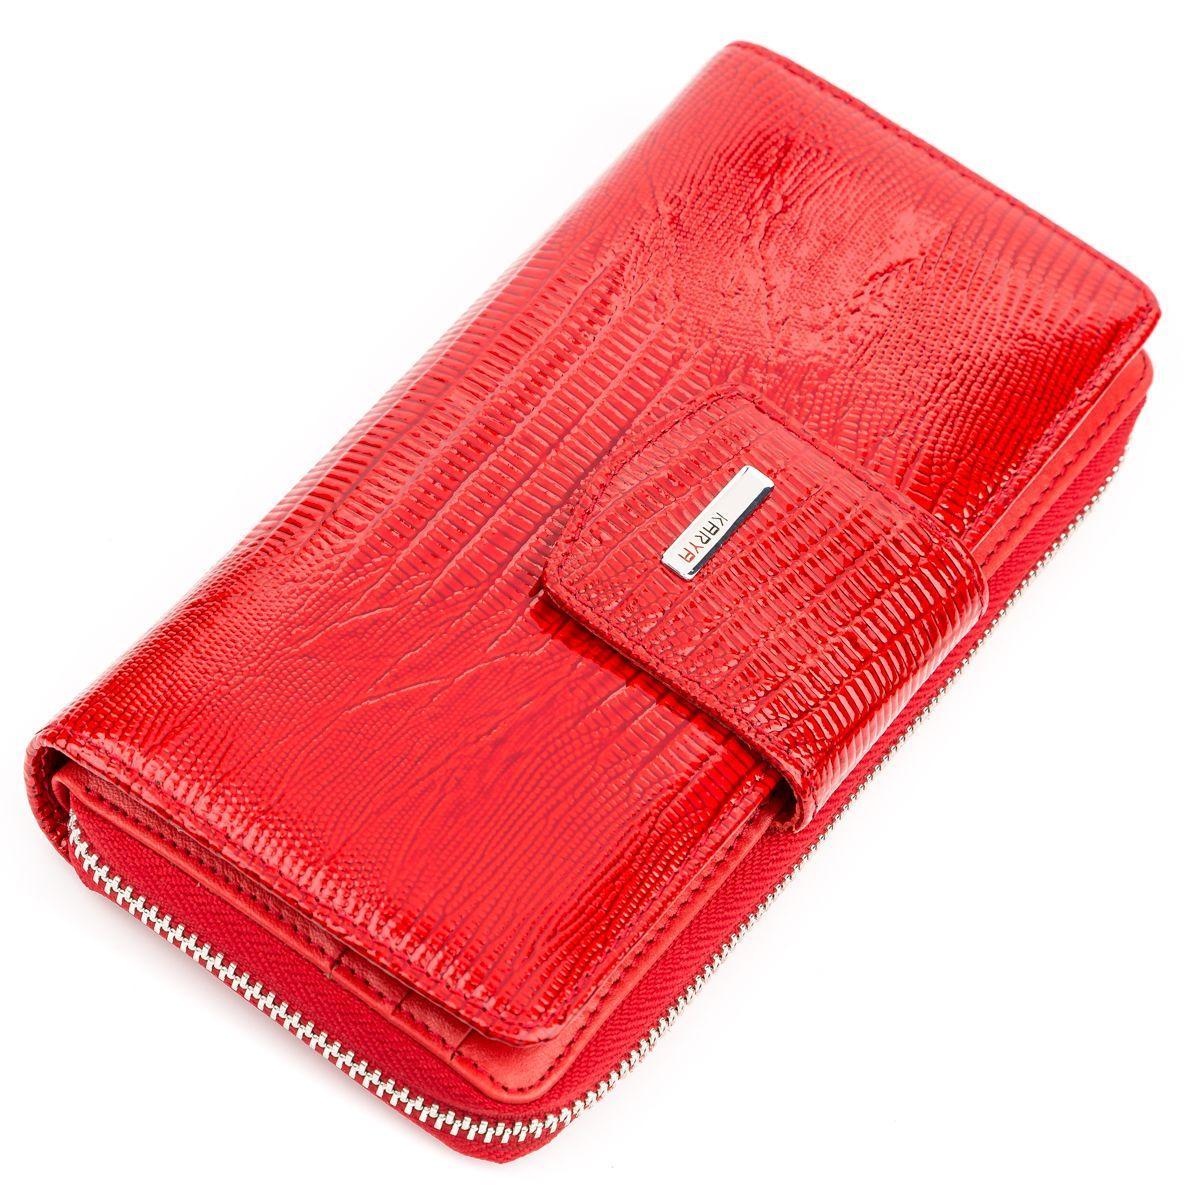 Портмоне женское KARYA 17183 кожаное Красное, Красный